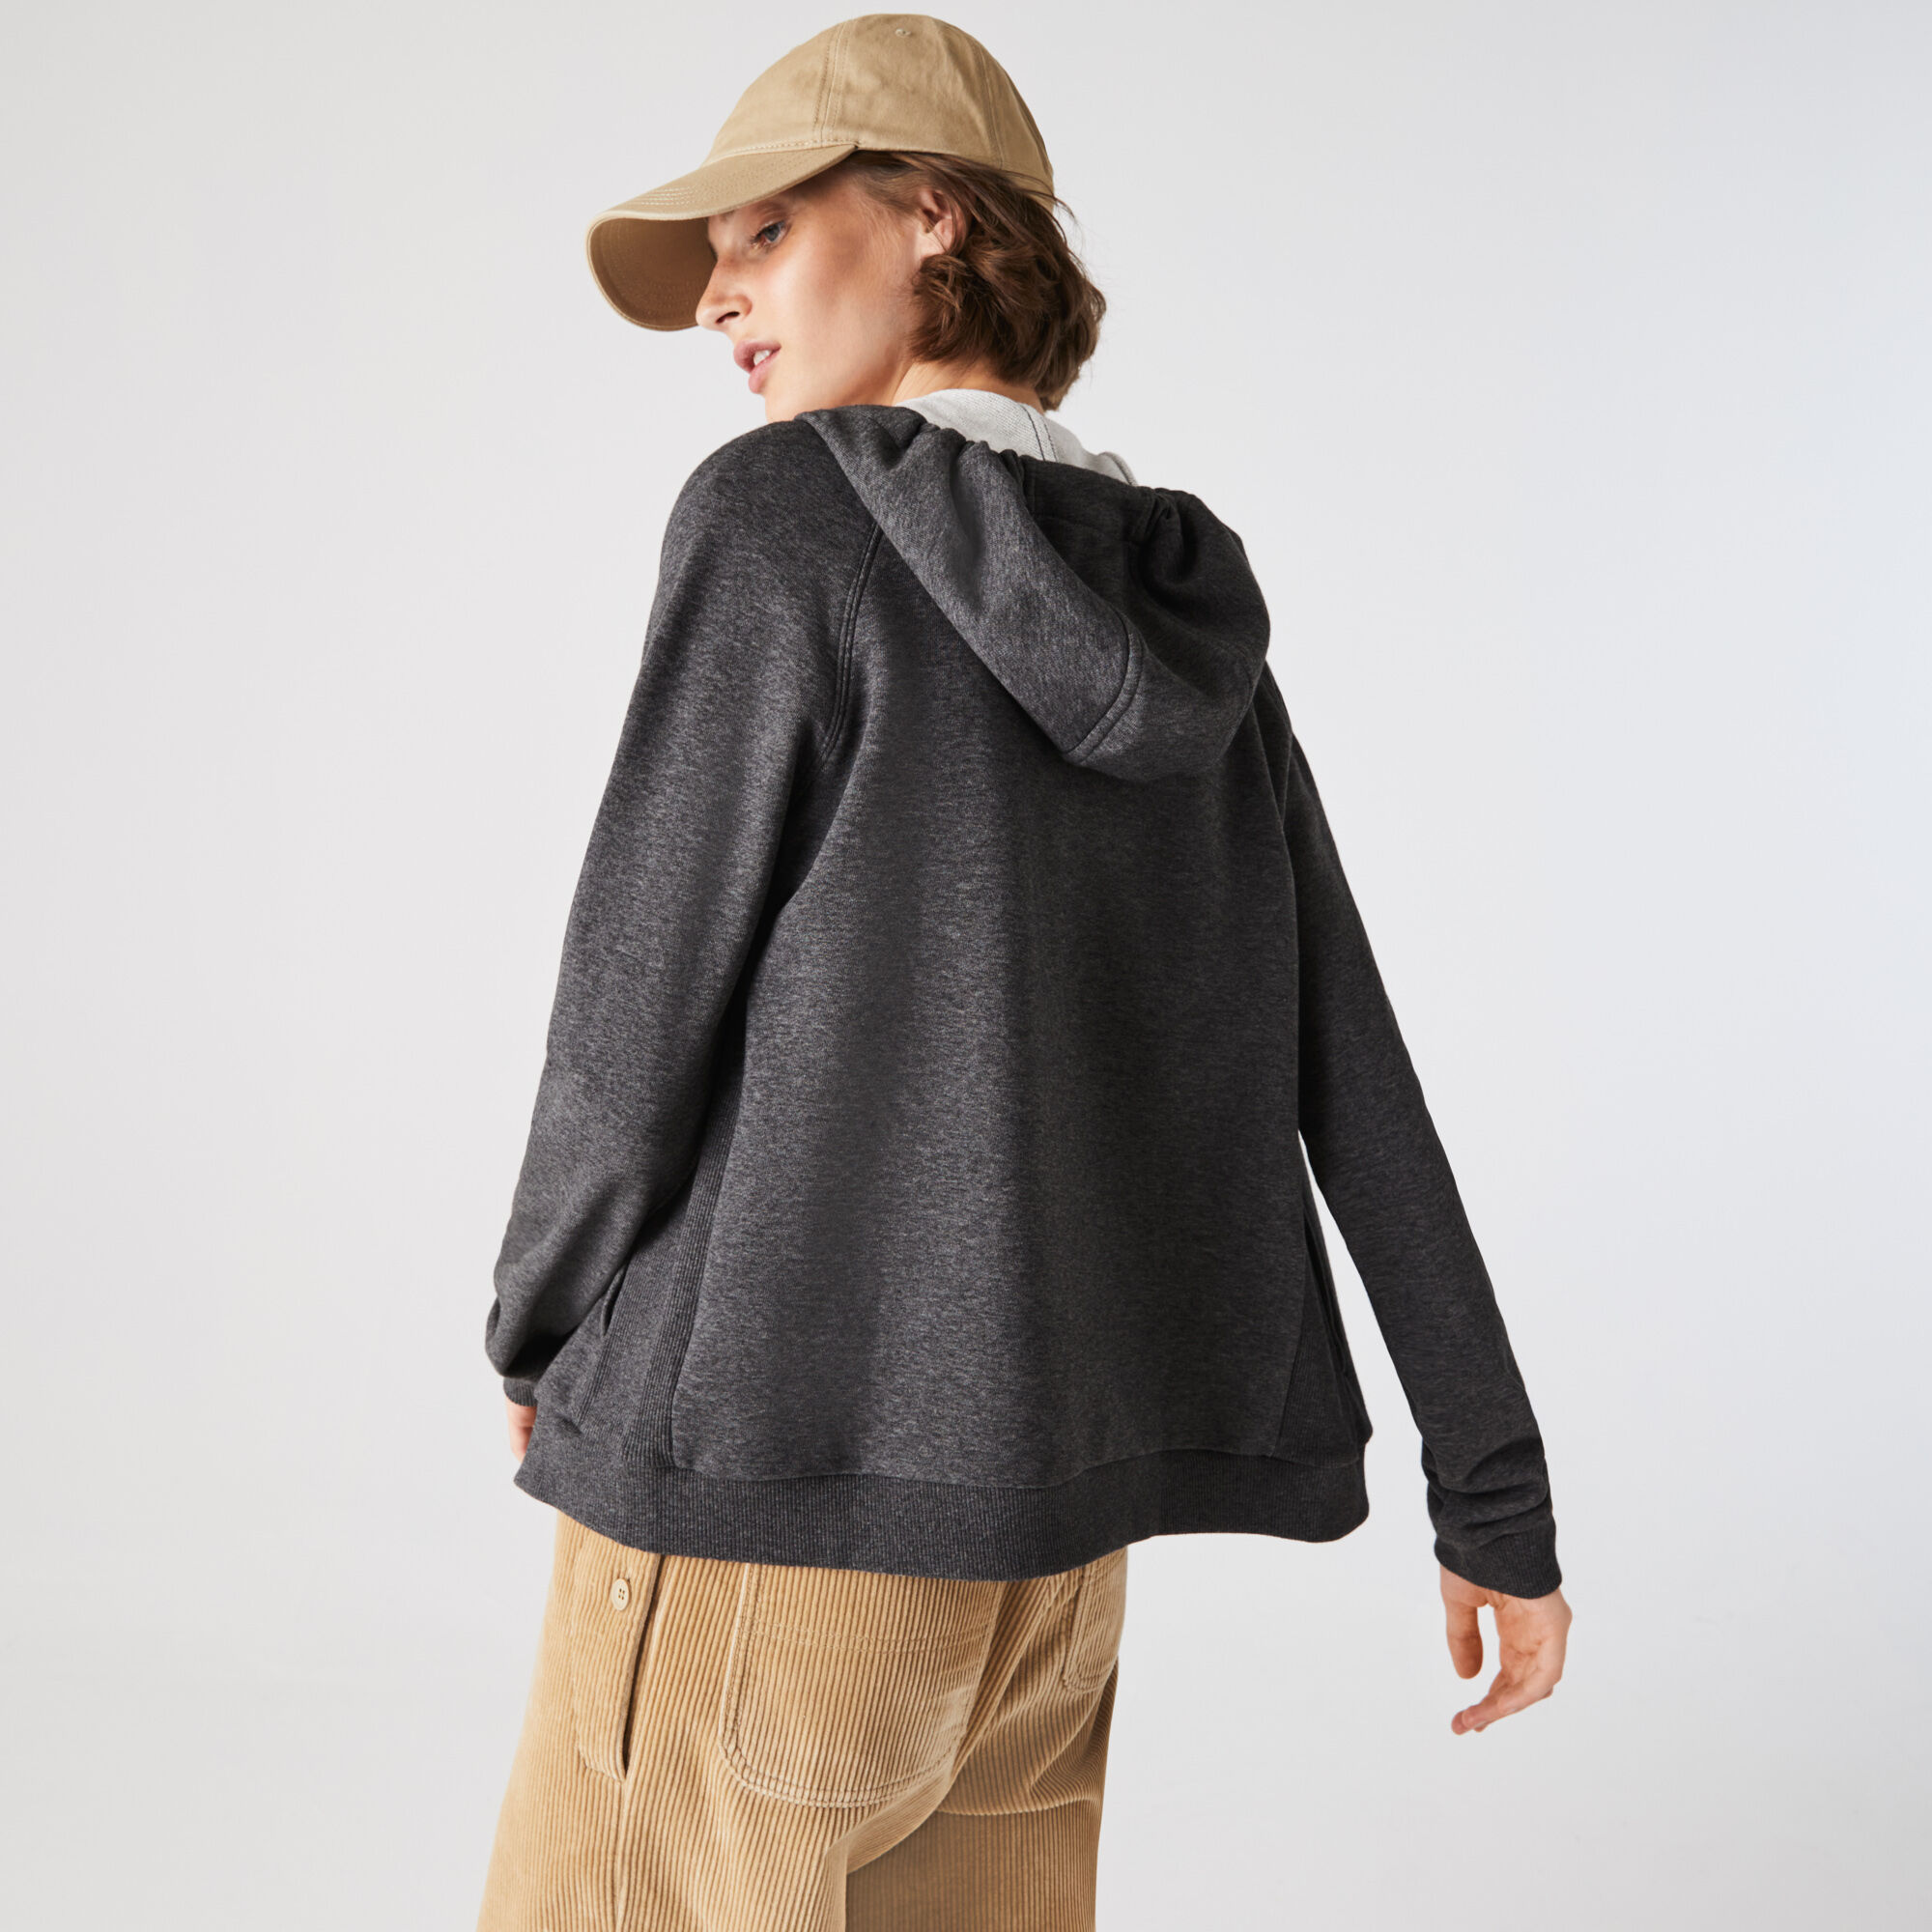 Women's Lacoste SPORT Hooded Fleece Zip Tennis Sweatshirt